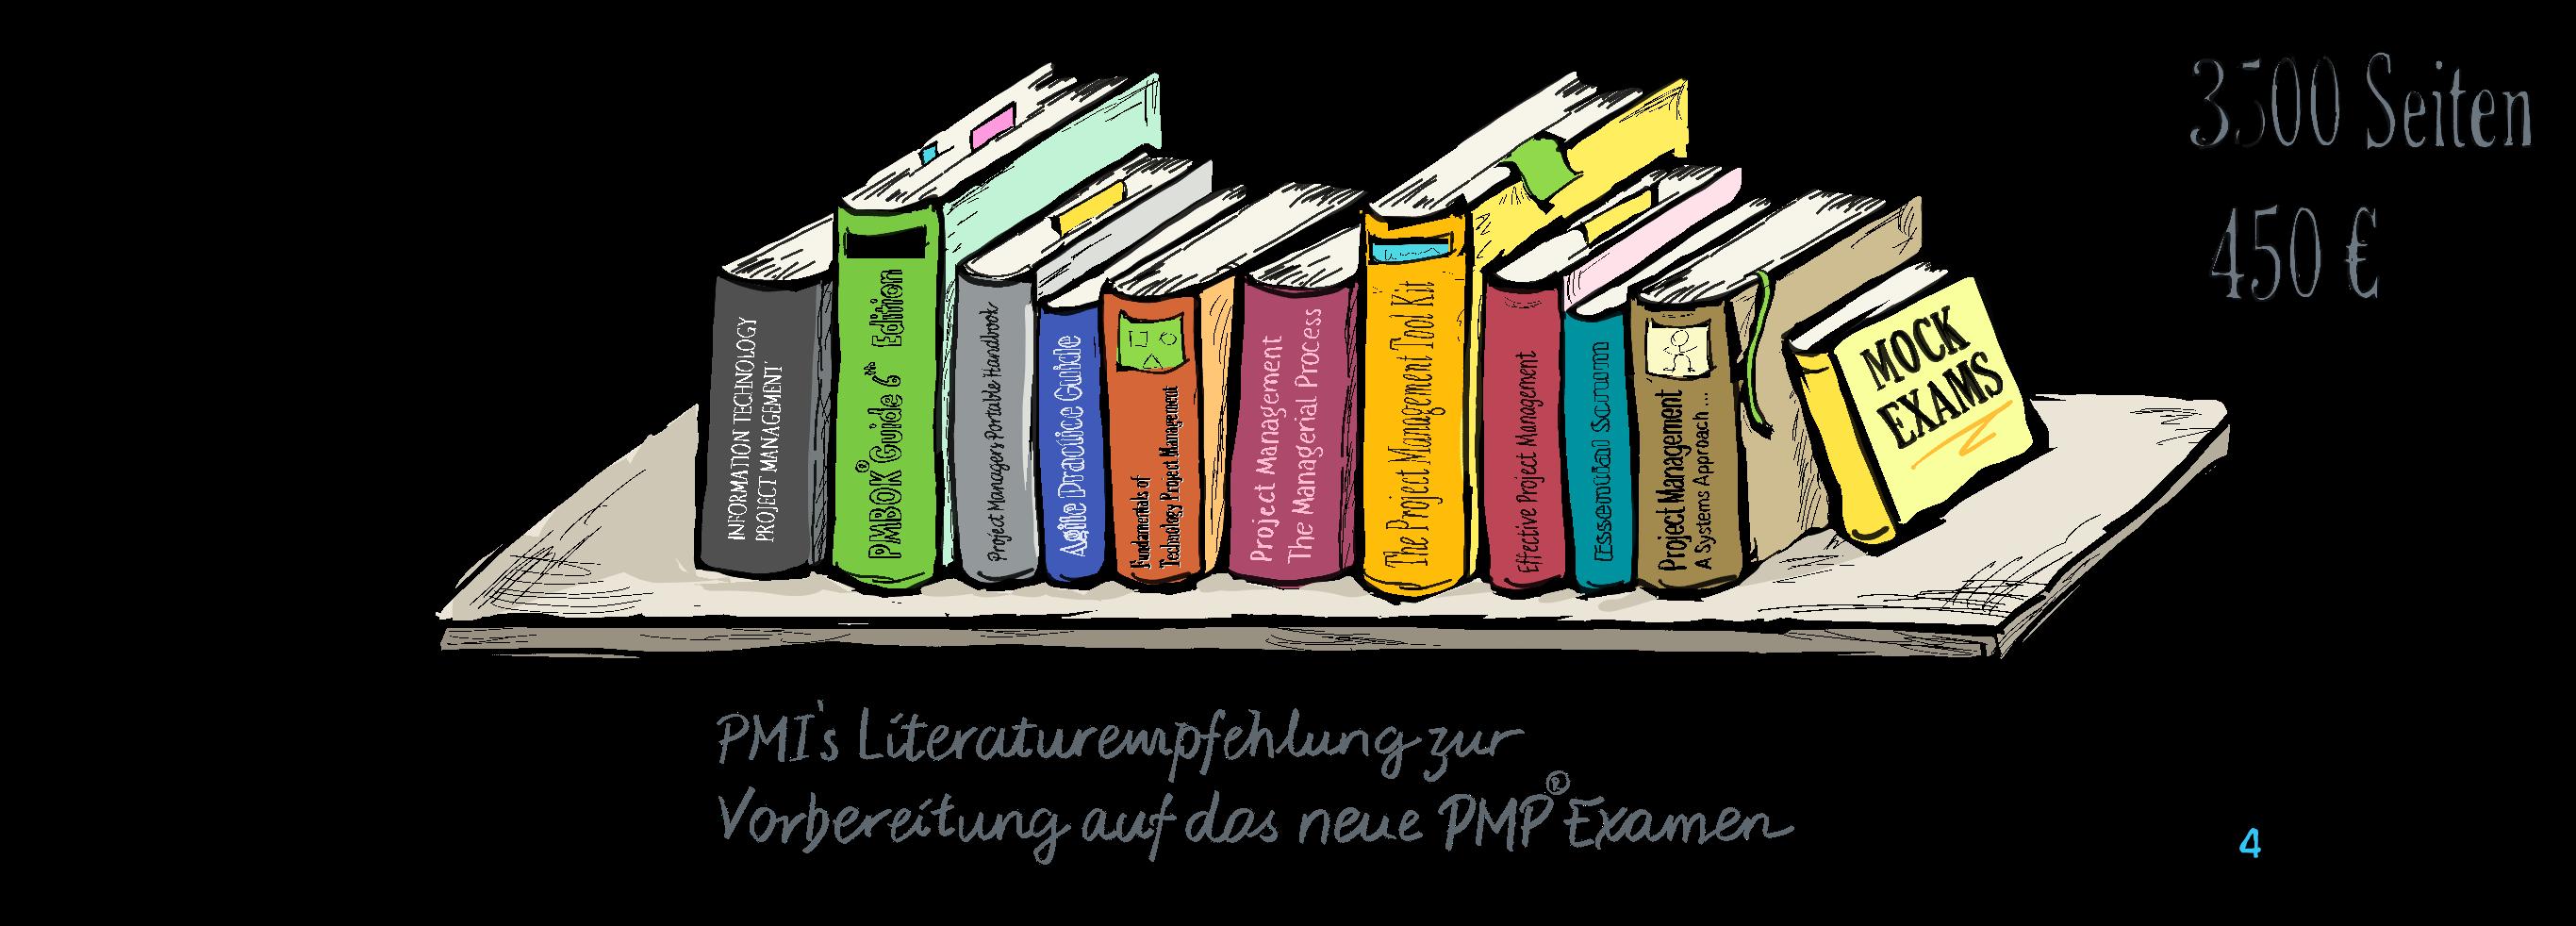 Draw_PMP_Bücher